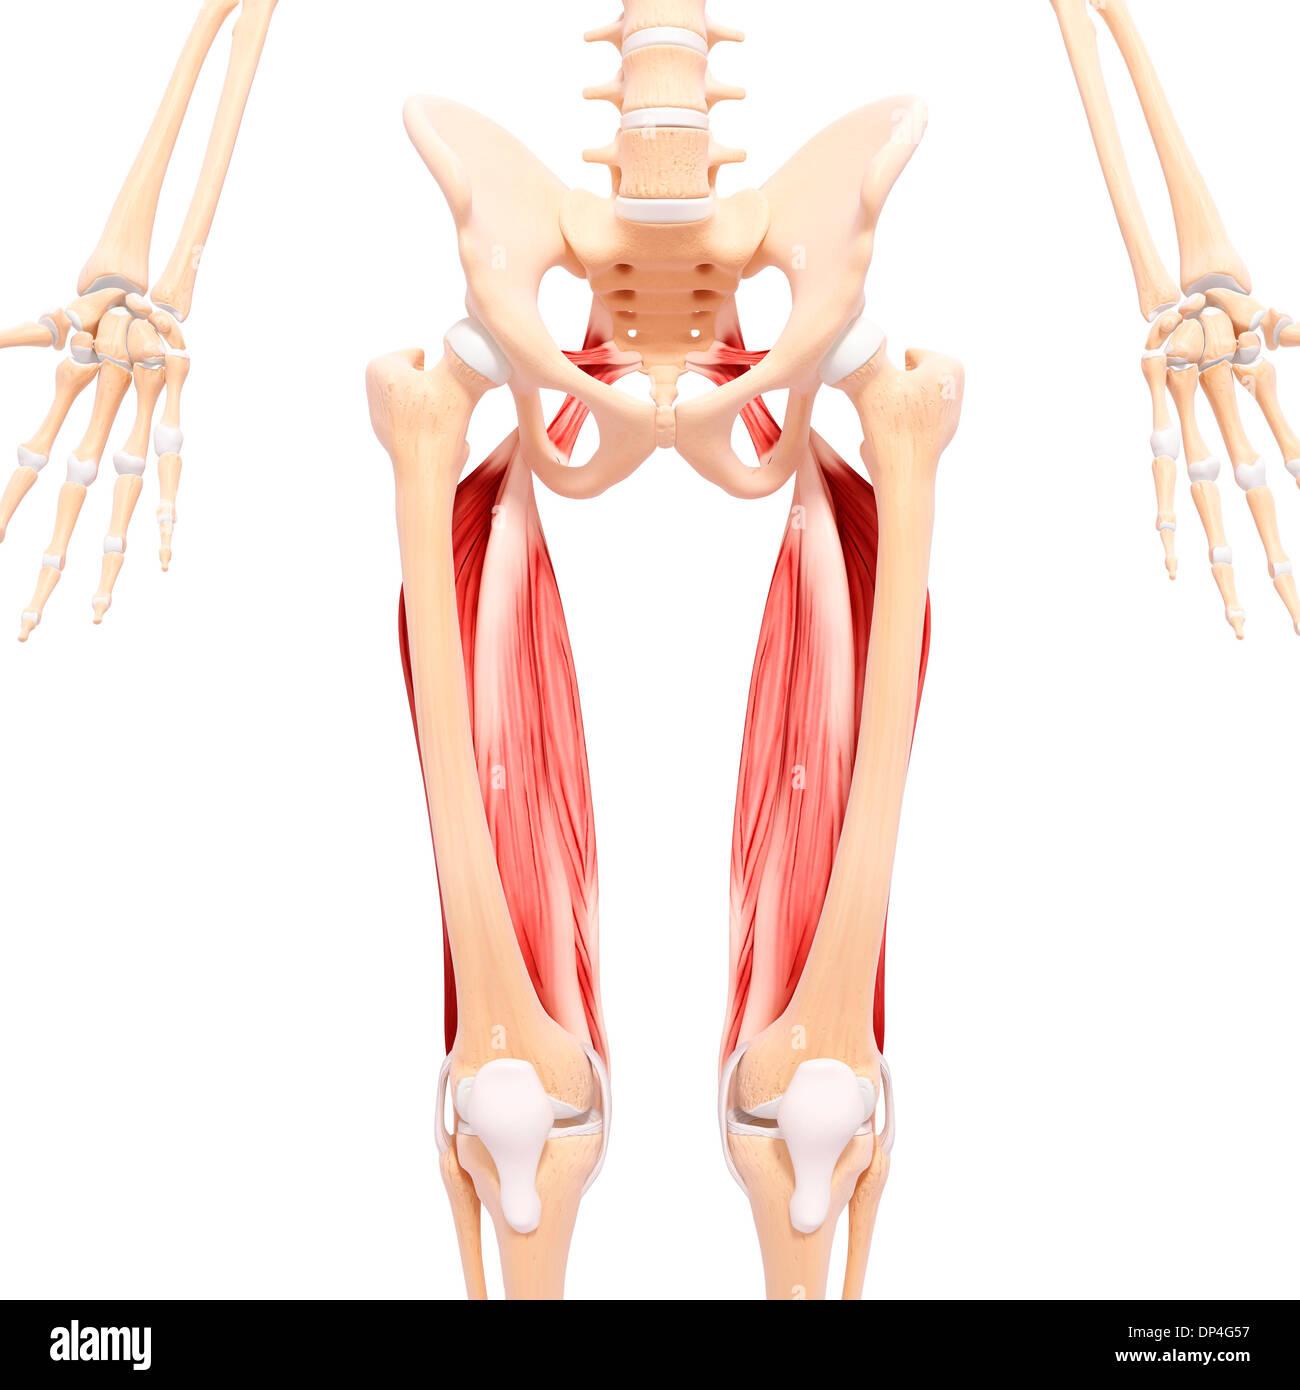 Tolle Beinmuskulatur Bilder Bilder - Menschliche Anatomie Bilder ...